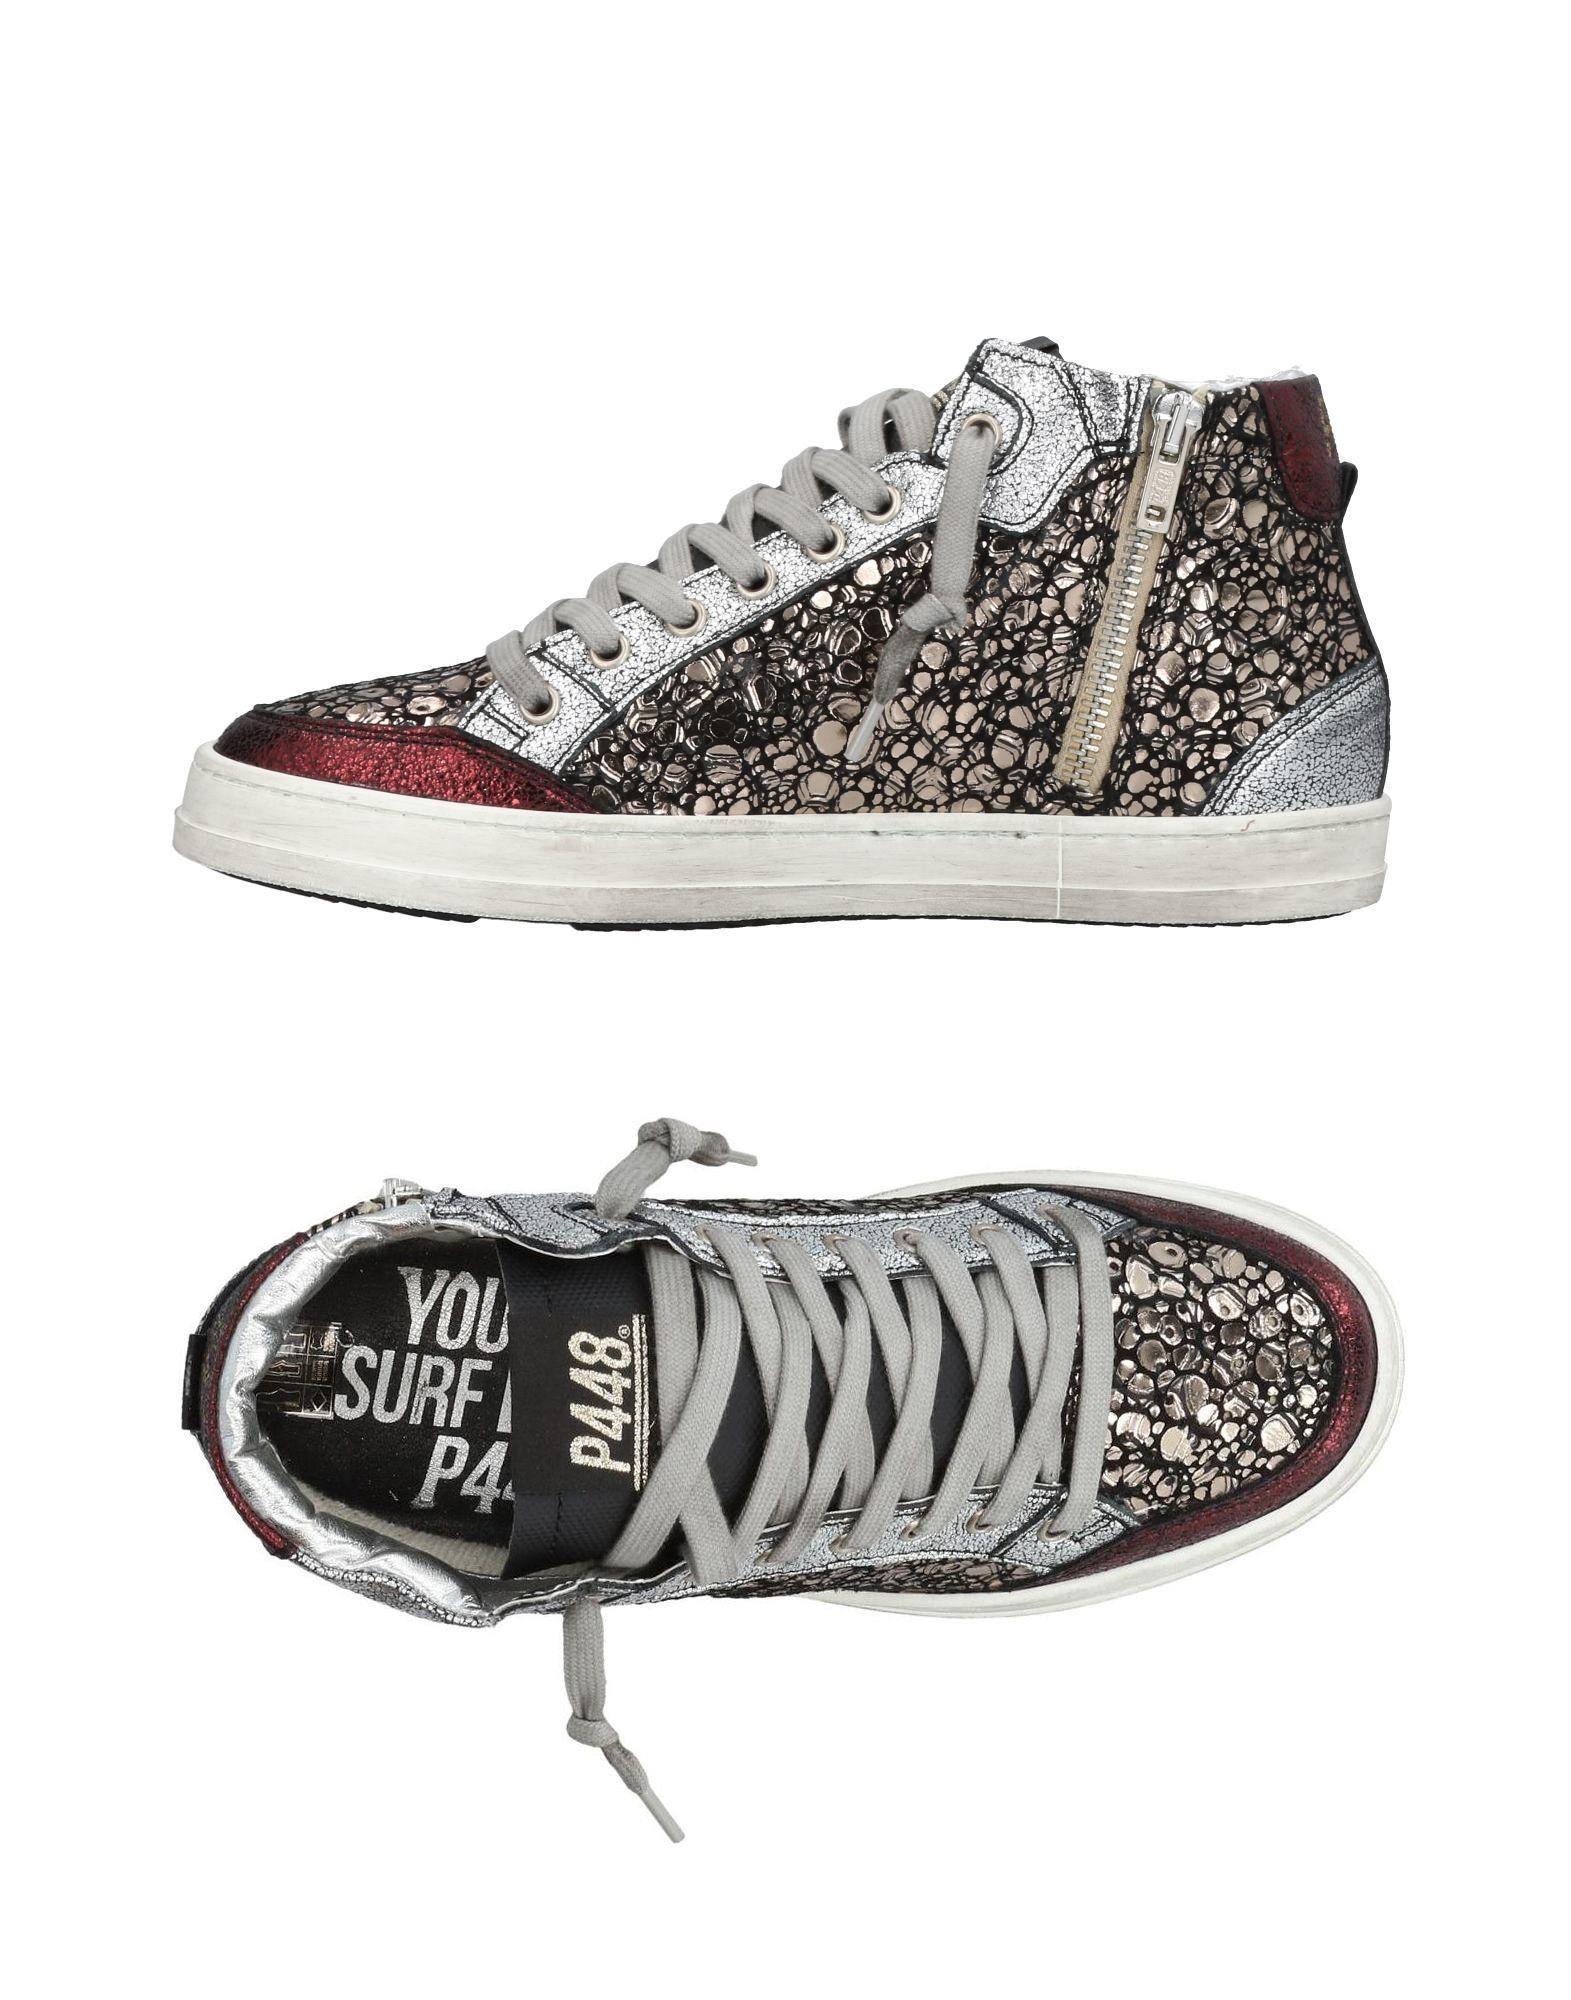 Scarpe economiche e resistenti Sneakers P448 Donna - 11456133WR